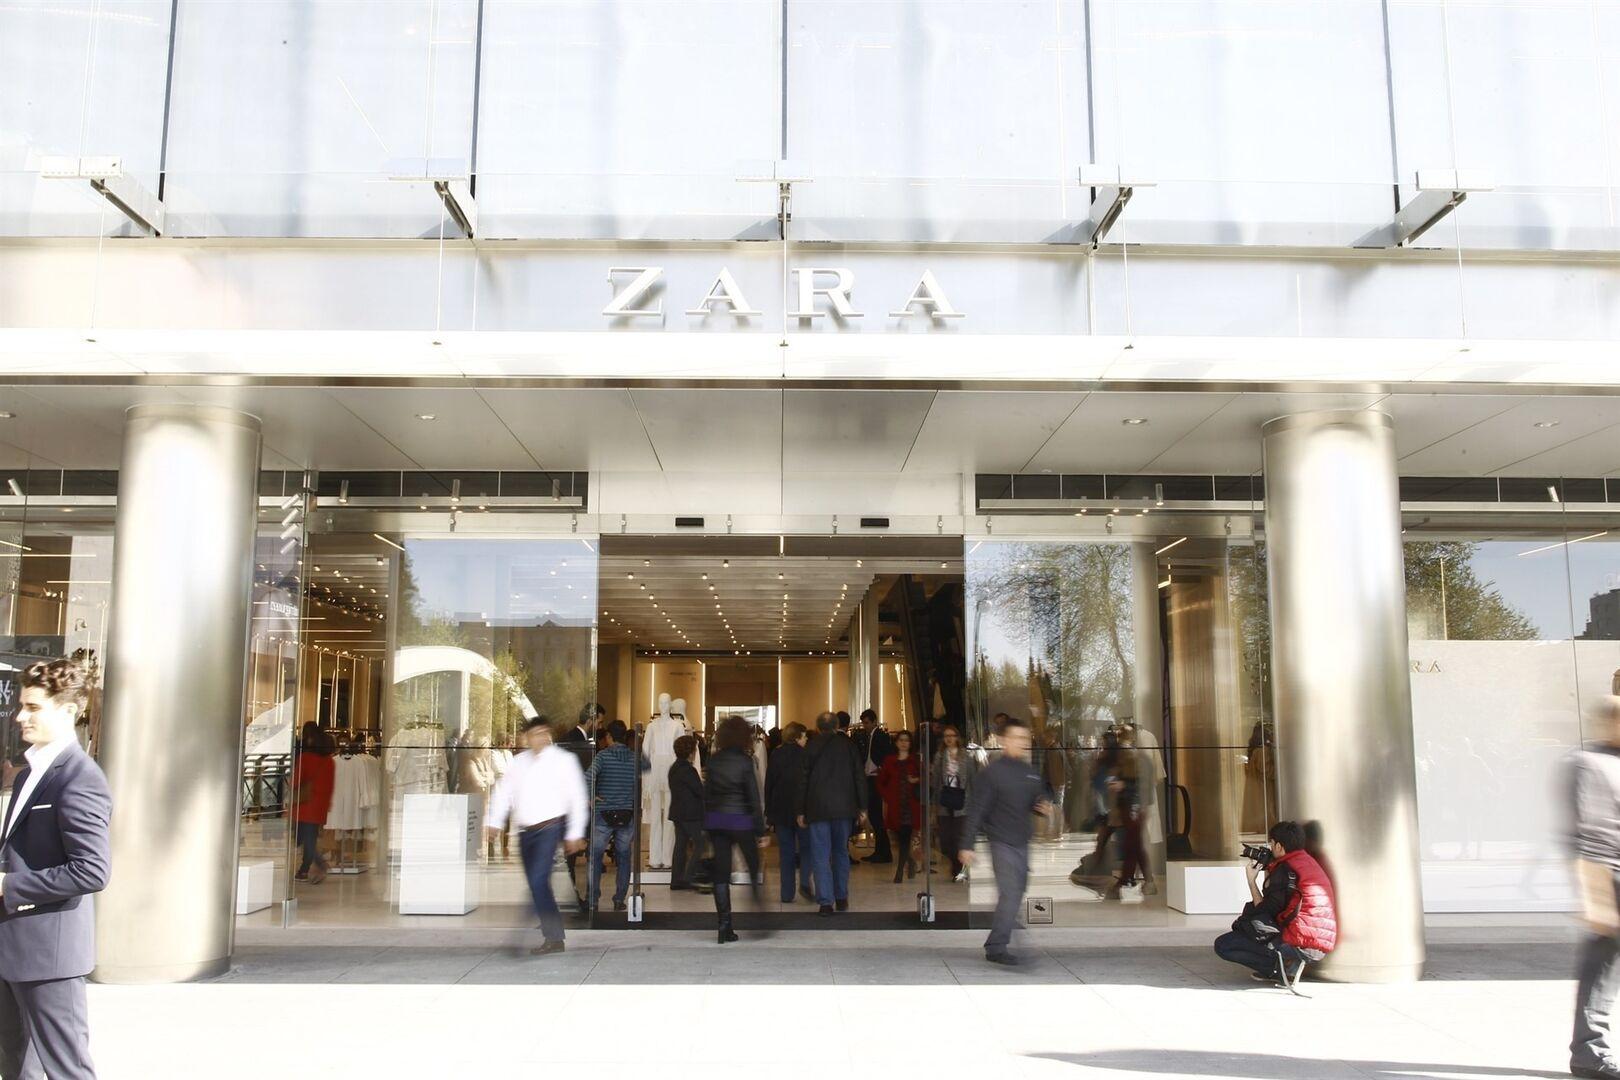 93da97bd098 Entrada de una tienda de Zara